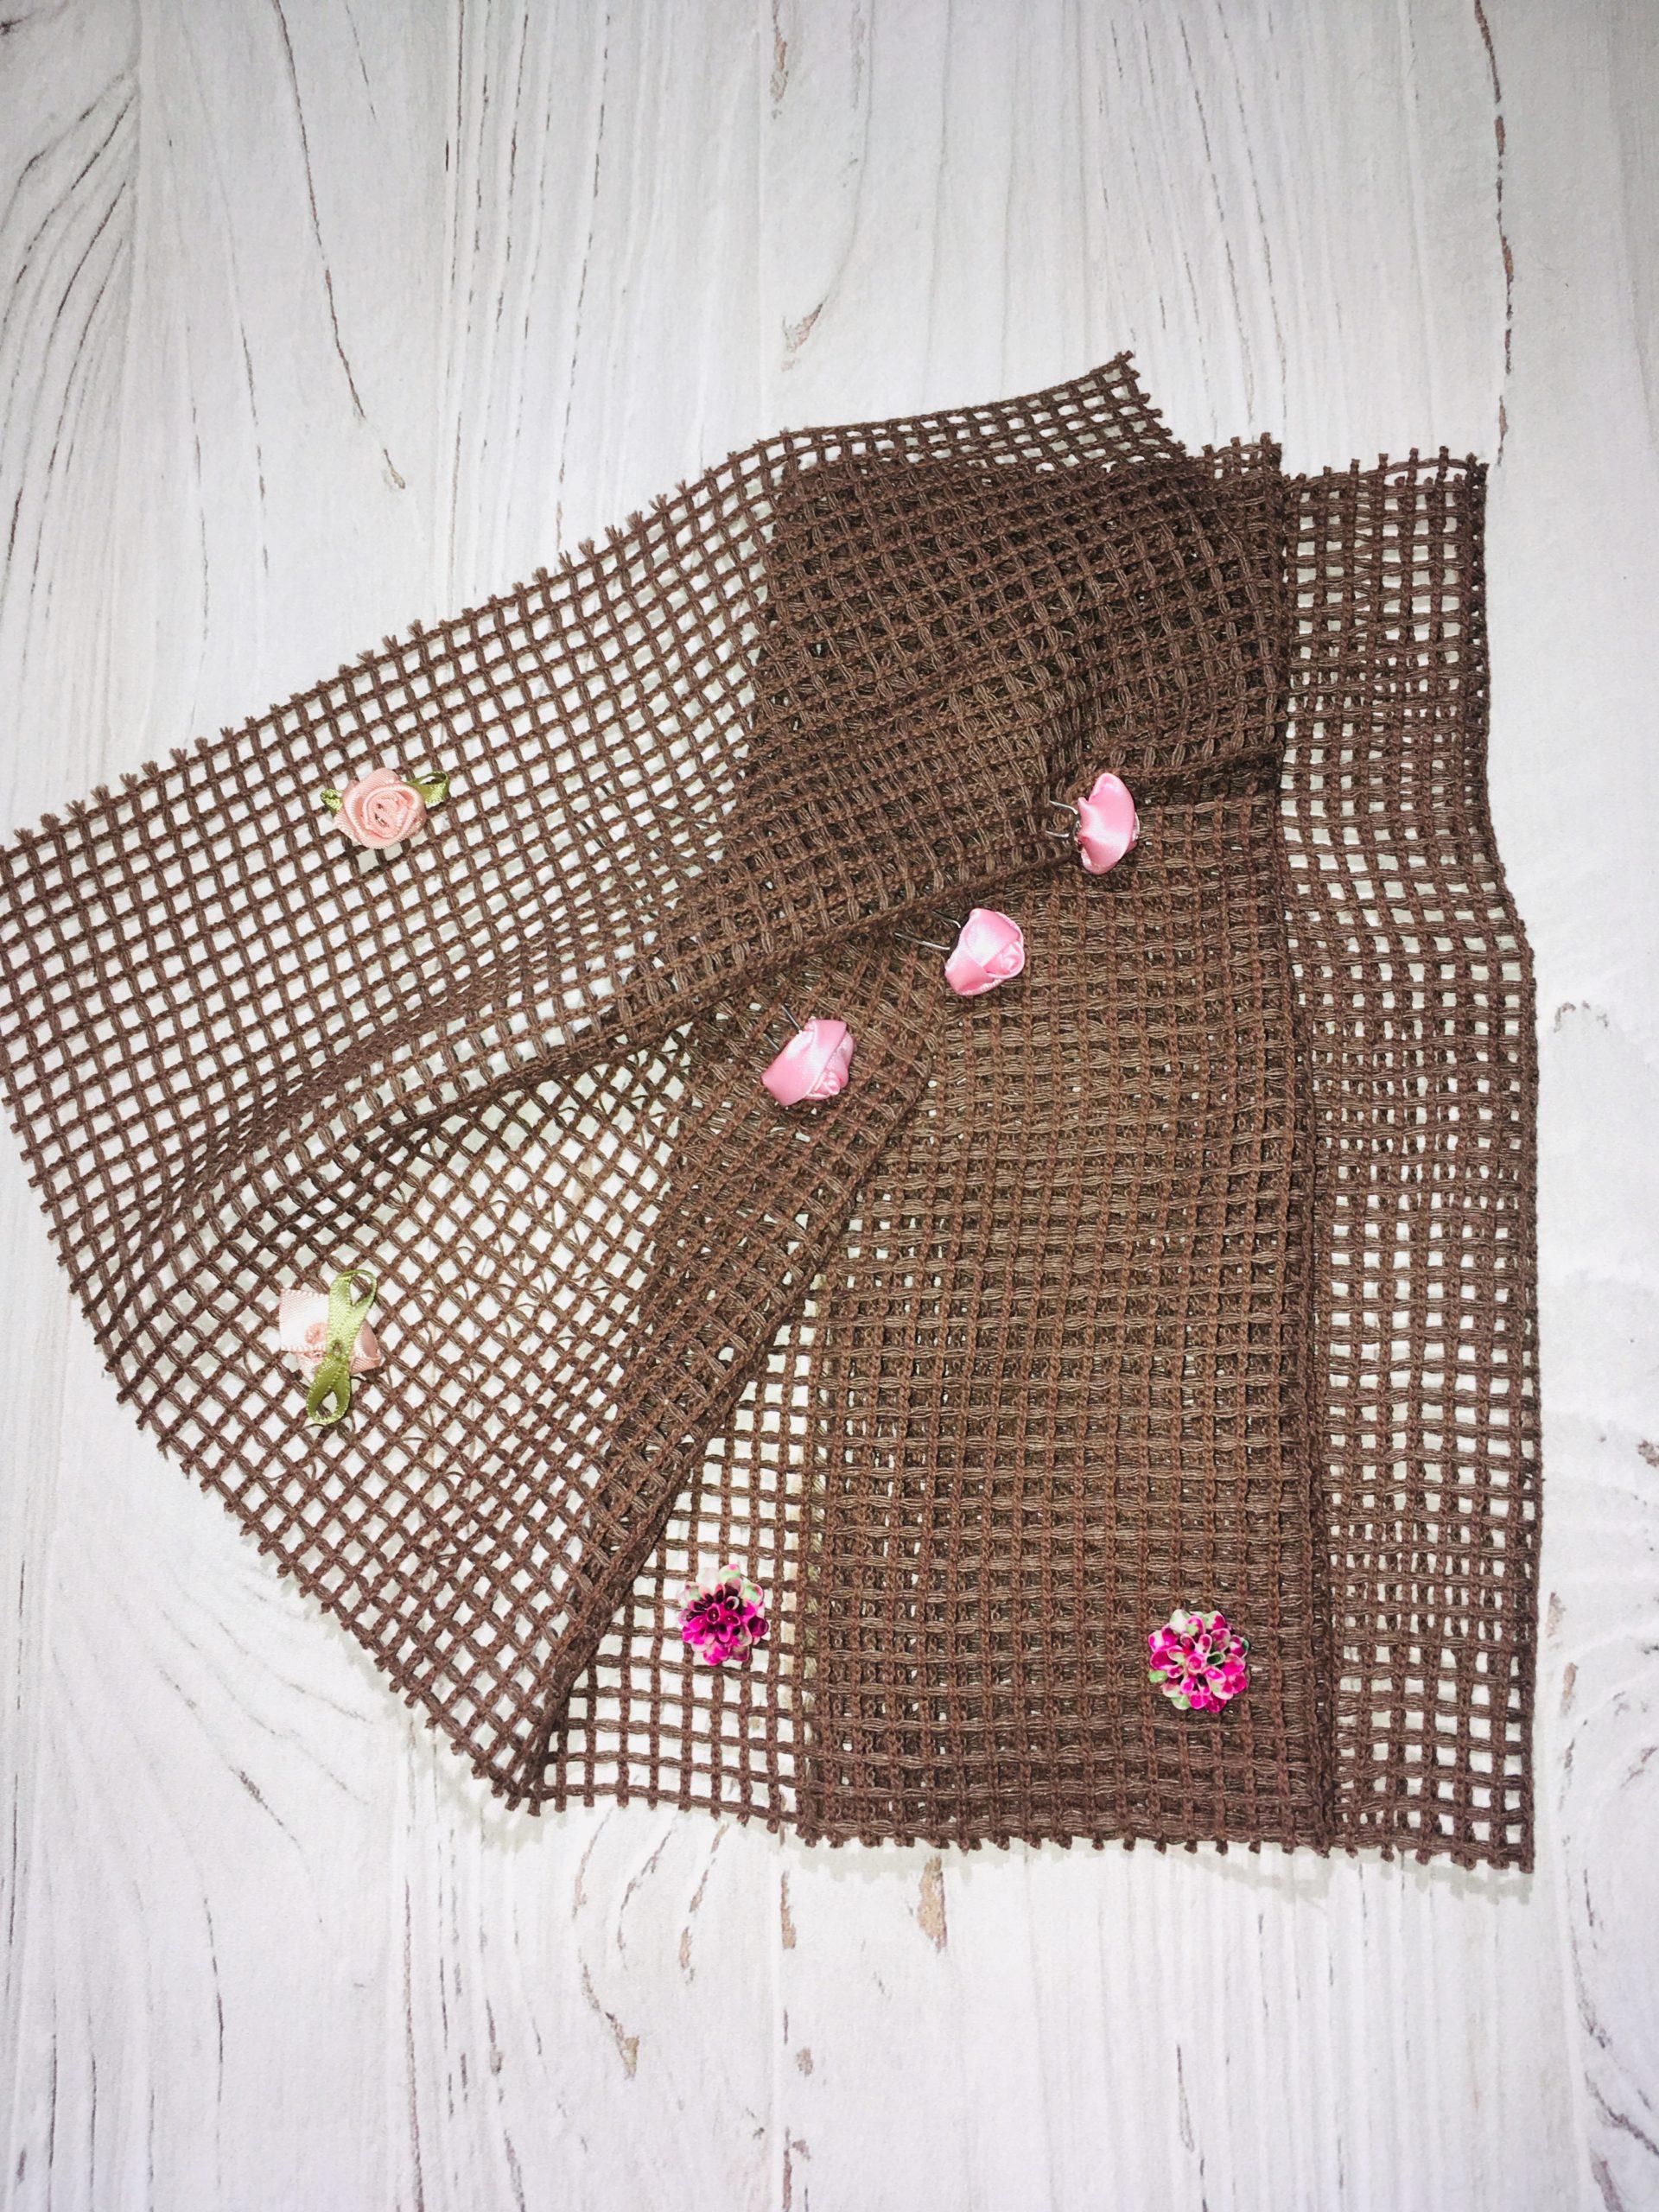 сетка для меха, филейка, филейная сетка, сетка для плетения мехом, сетка для вязания мехом, сетка для меха, сетка для вышивки, сетка хлопковая, хлопковая сетка